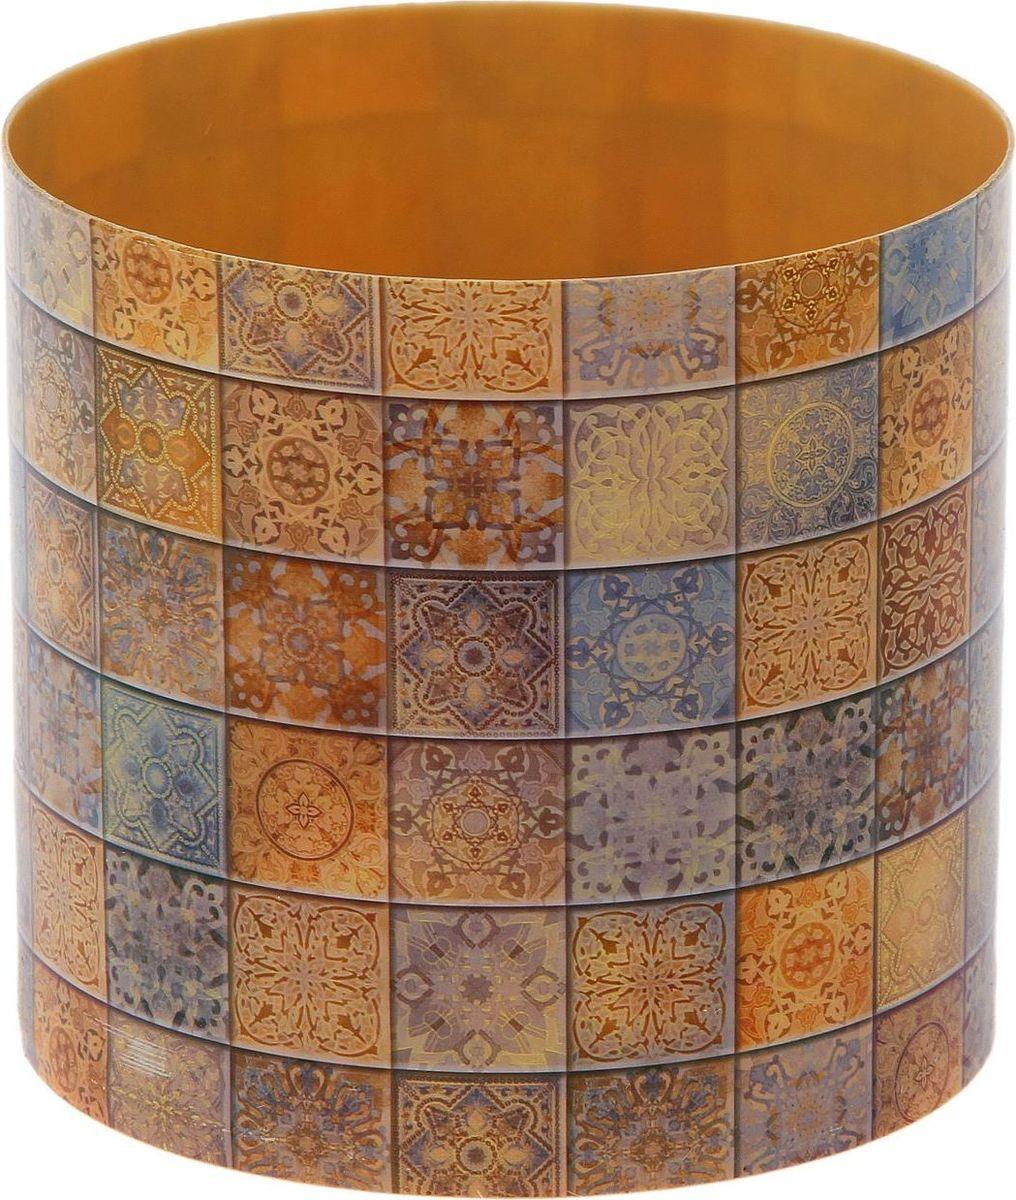 Горшок для цветов Simple Garden Плитка. Италия, со скрытым поддоном, 1,7 л1915358